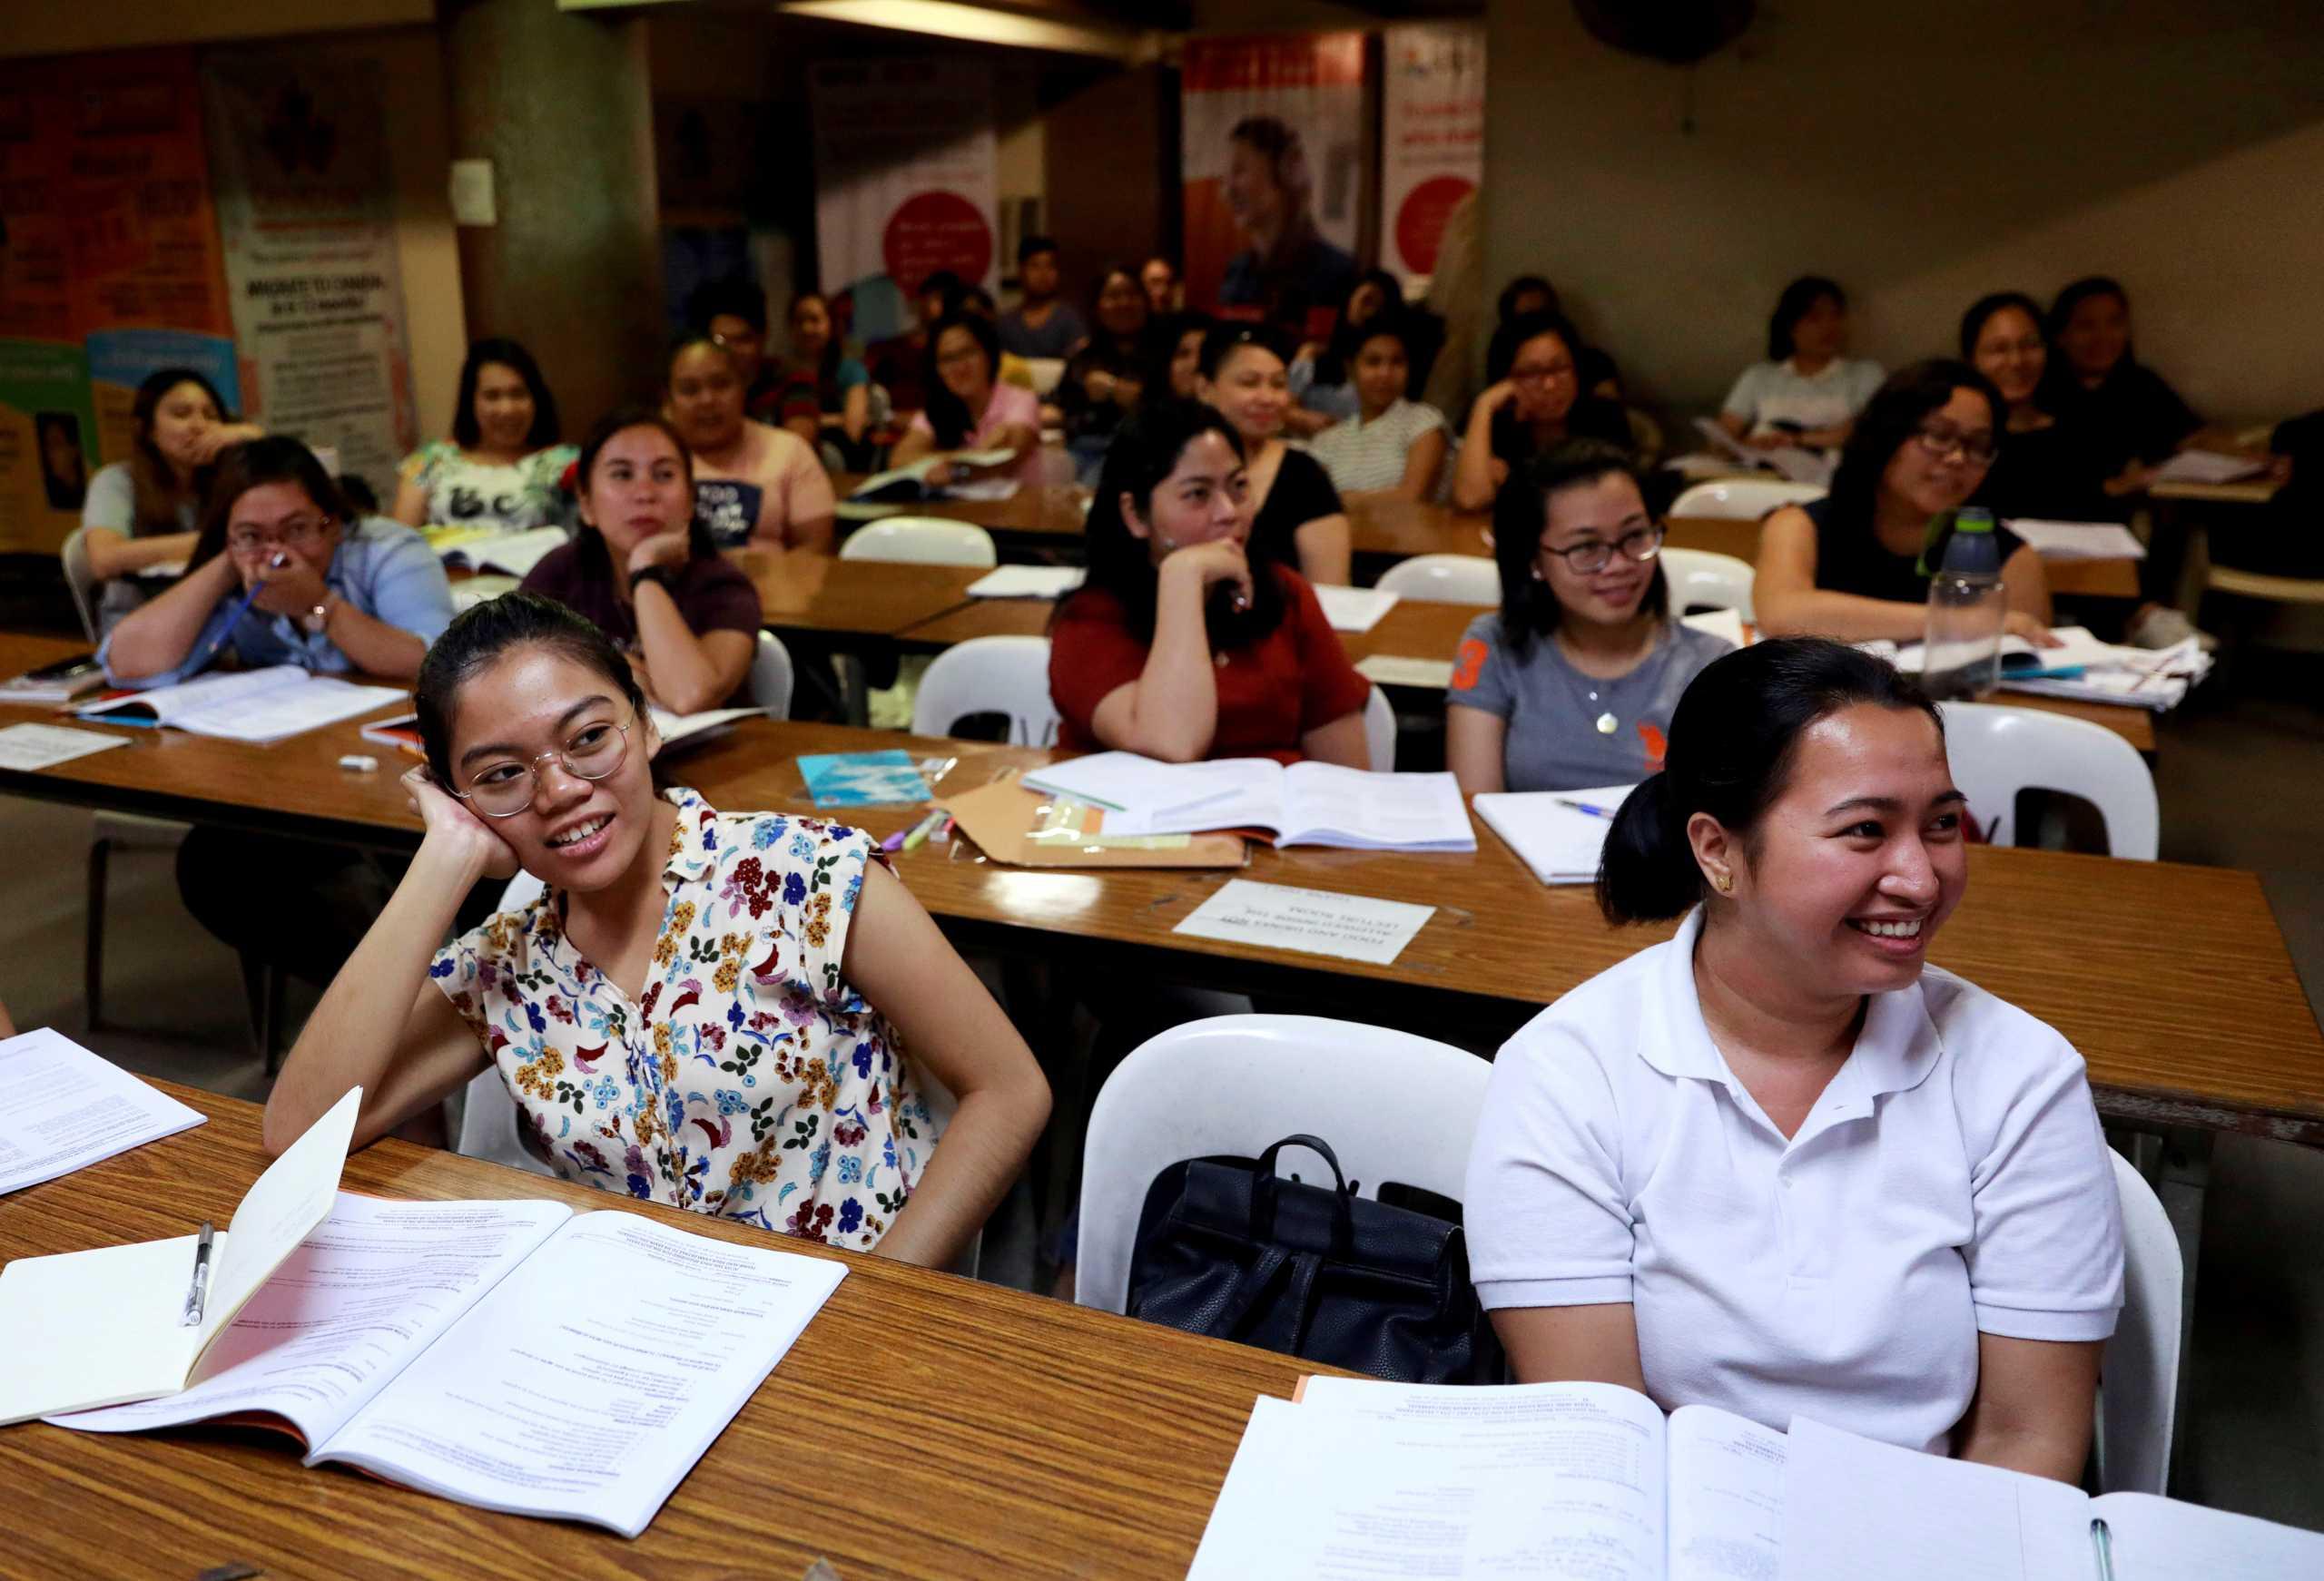 Φιλιππίνες: Ανταλλάσσουν νοσηλευτικό προσωπικό με εμβόλια για τον κορονοϊό